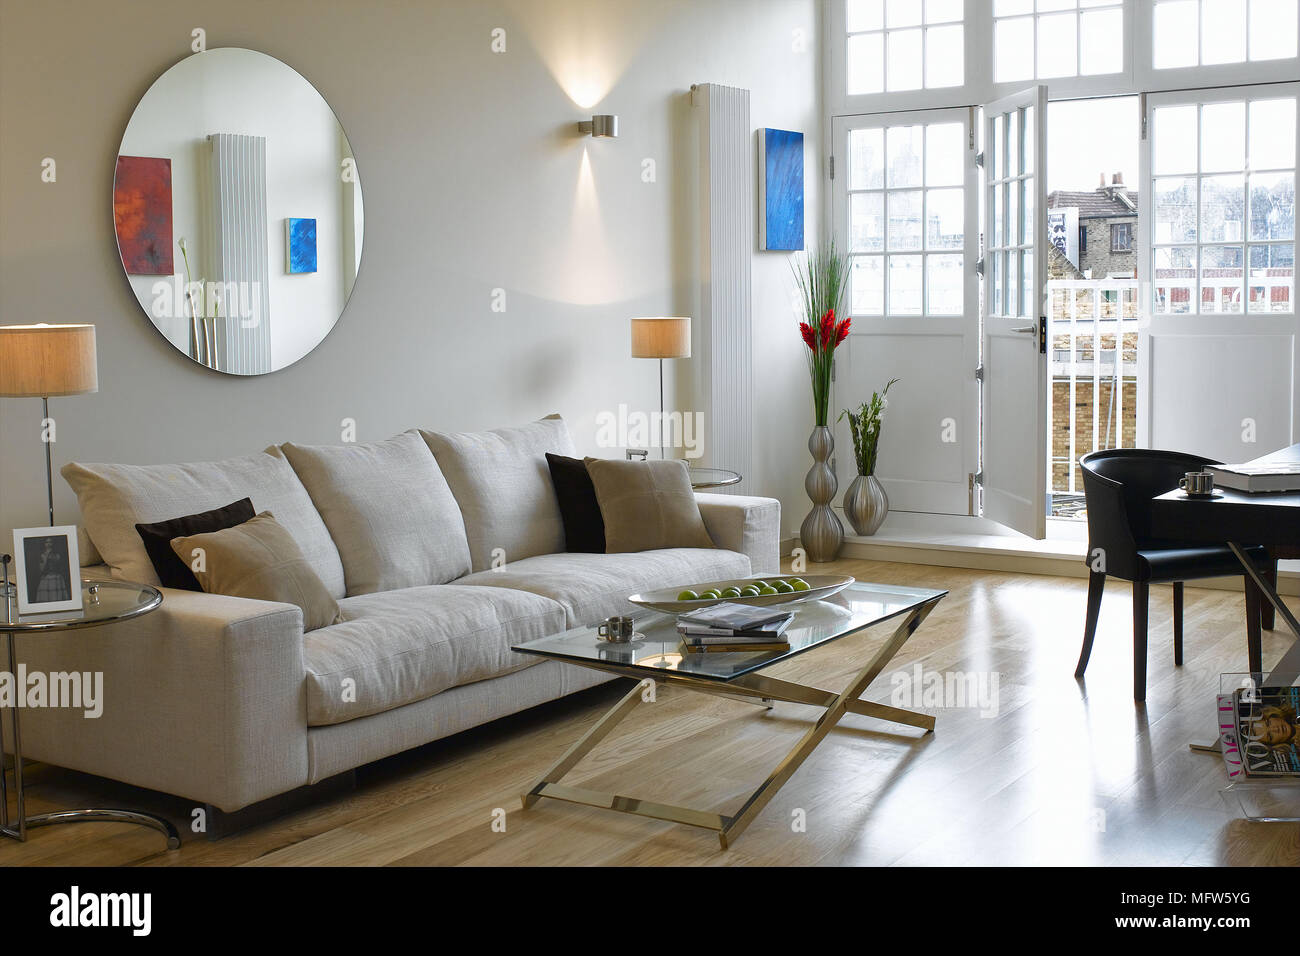 Miroir Au Dessus Canapé miroir circulaire au-dessus d'un canapé dans un salon avec une